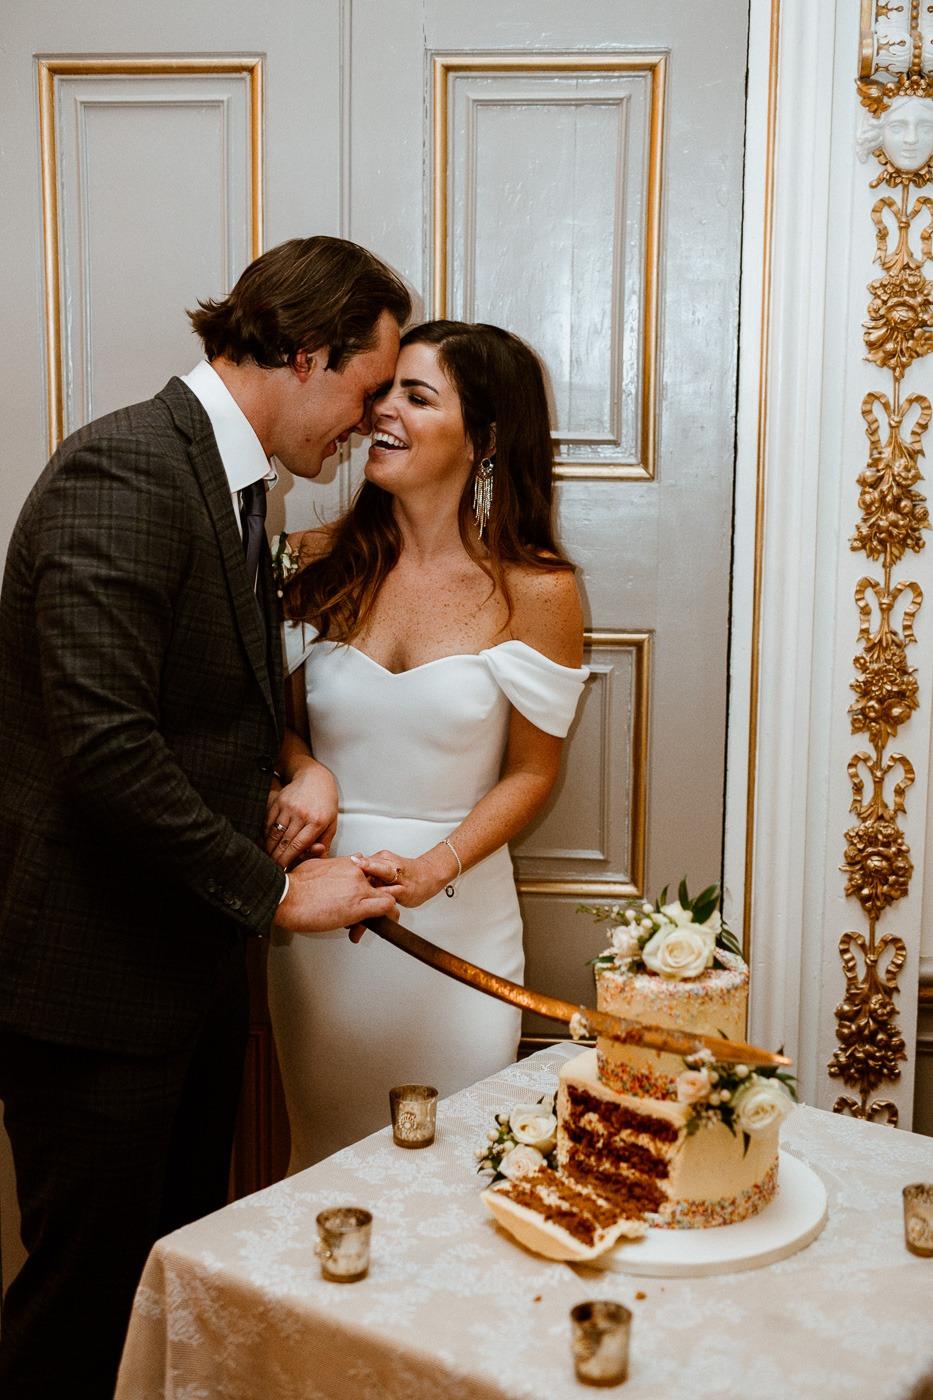 A person cutting a cake